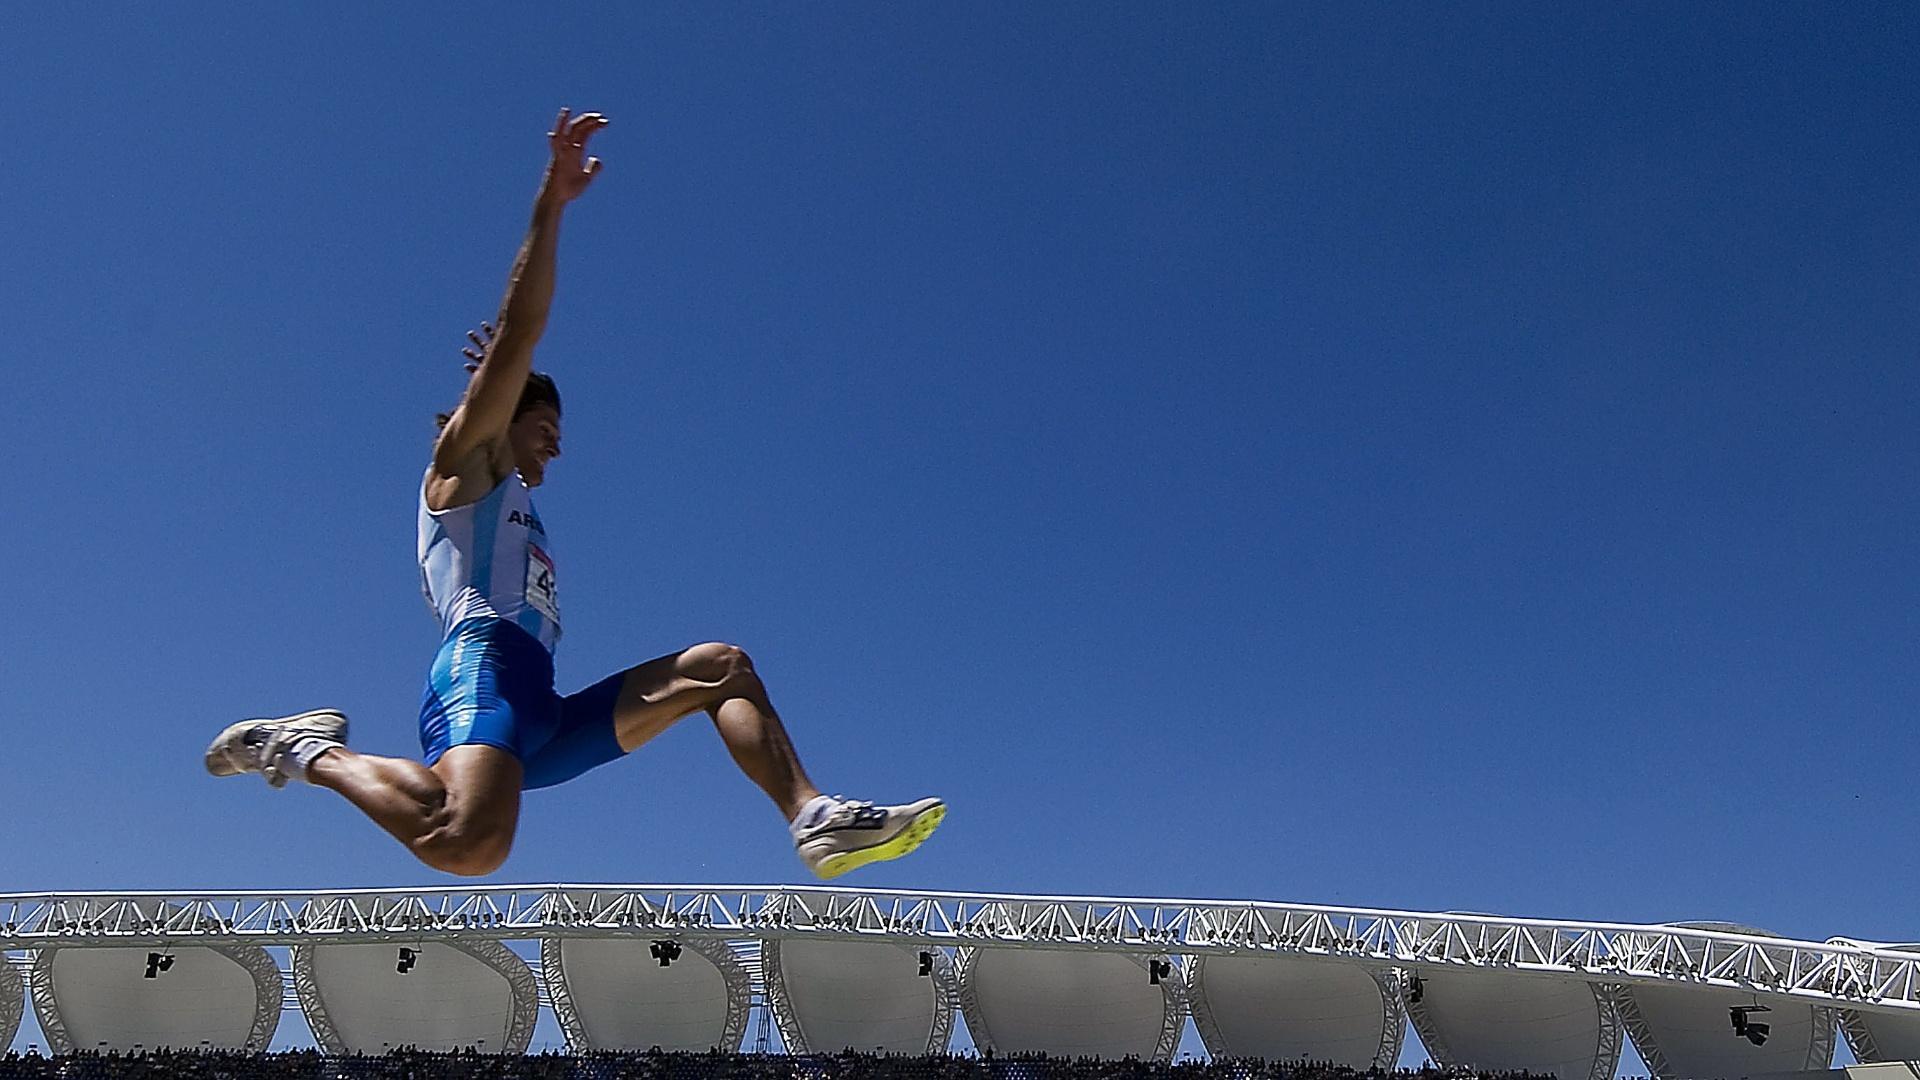 Atleta argentino durante a prova de salto em distância na competição de decatlo em Guadalajara